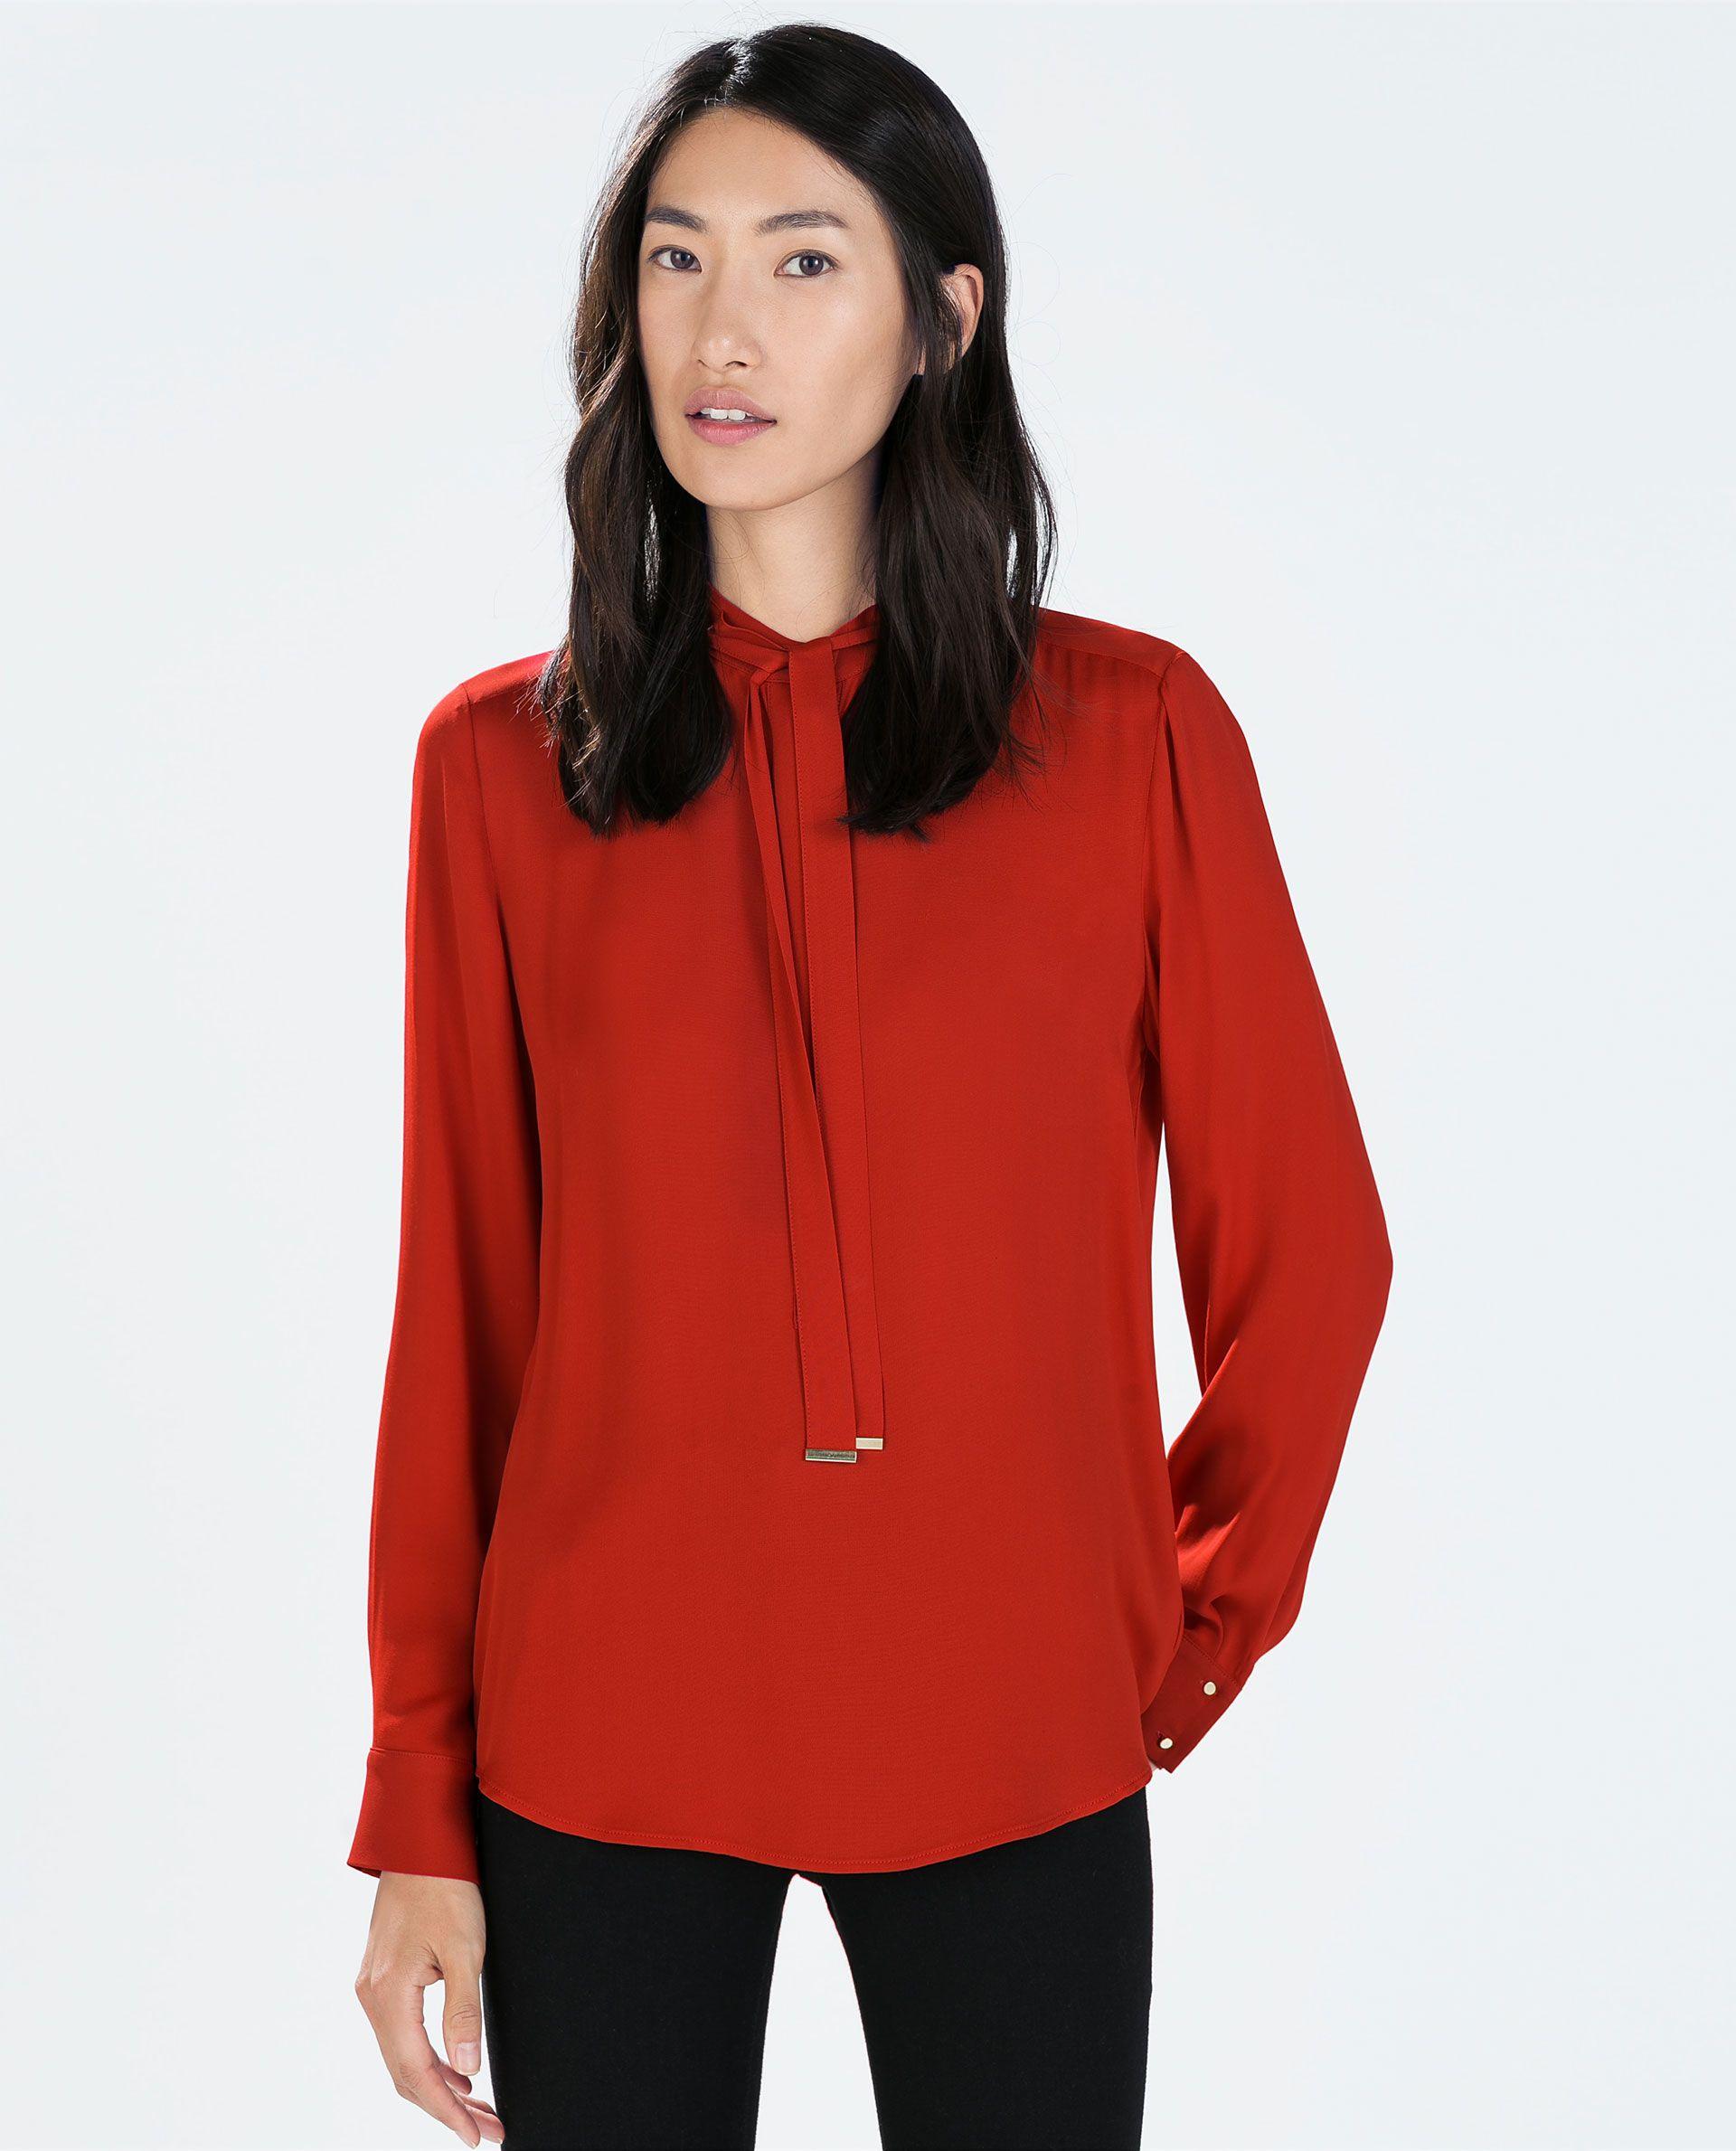 rote bluse zara